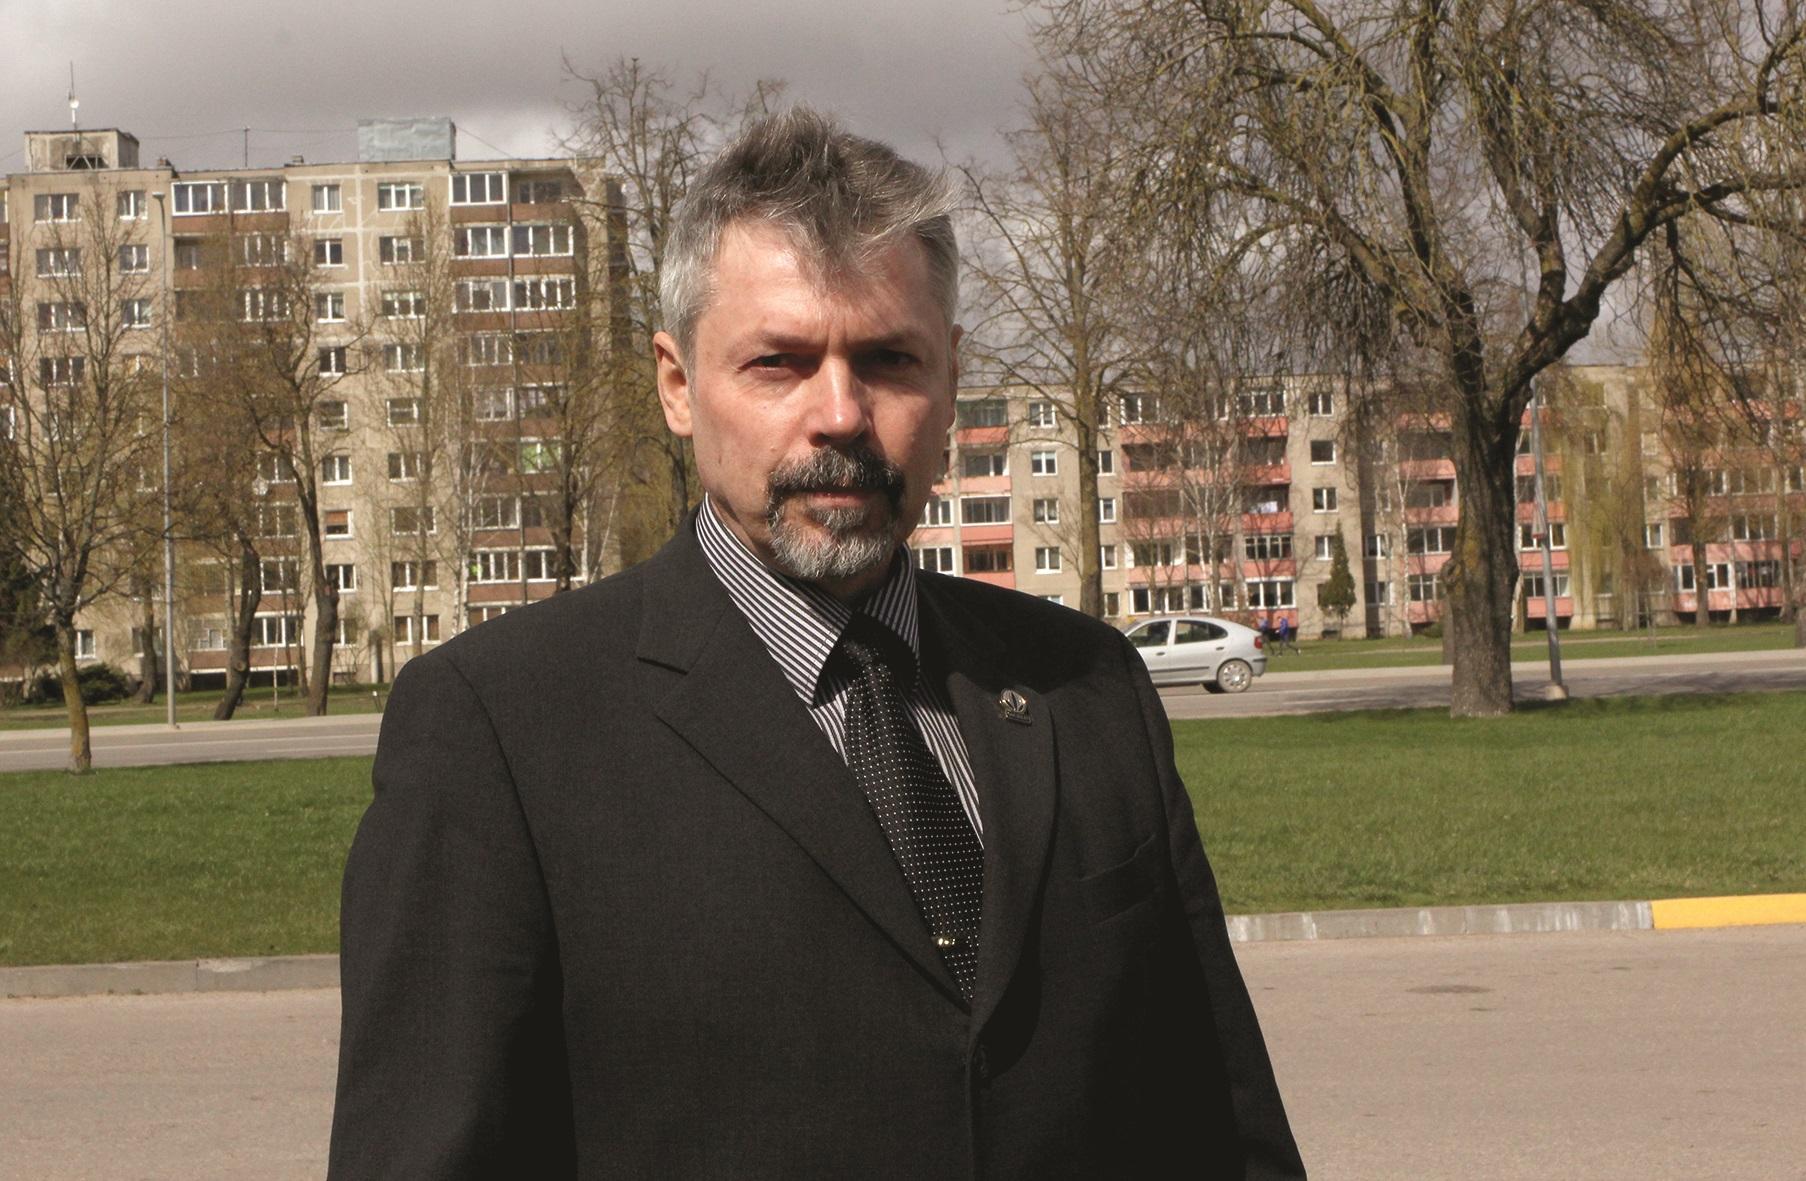 Pasak Viktoro Gruzdevo, ši gyventojų apklausos forma, atviras balsavimas visuotiniame susirinkime, iš kitų teisės aktuose numatytų alternatyvų buvo pasirinktas dėl mažiausių kaštų. A. Barzdžiaus nuotr.